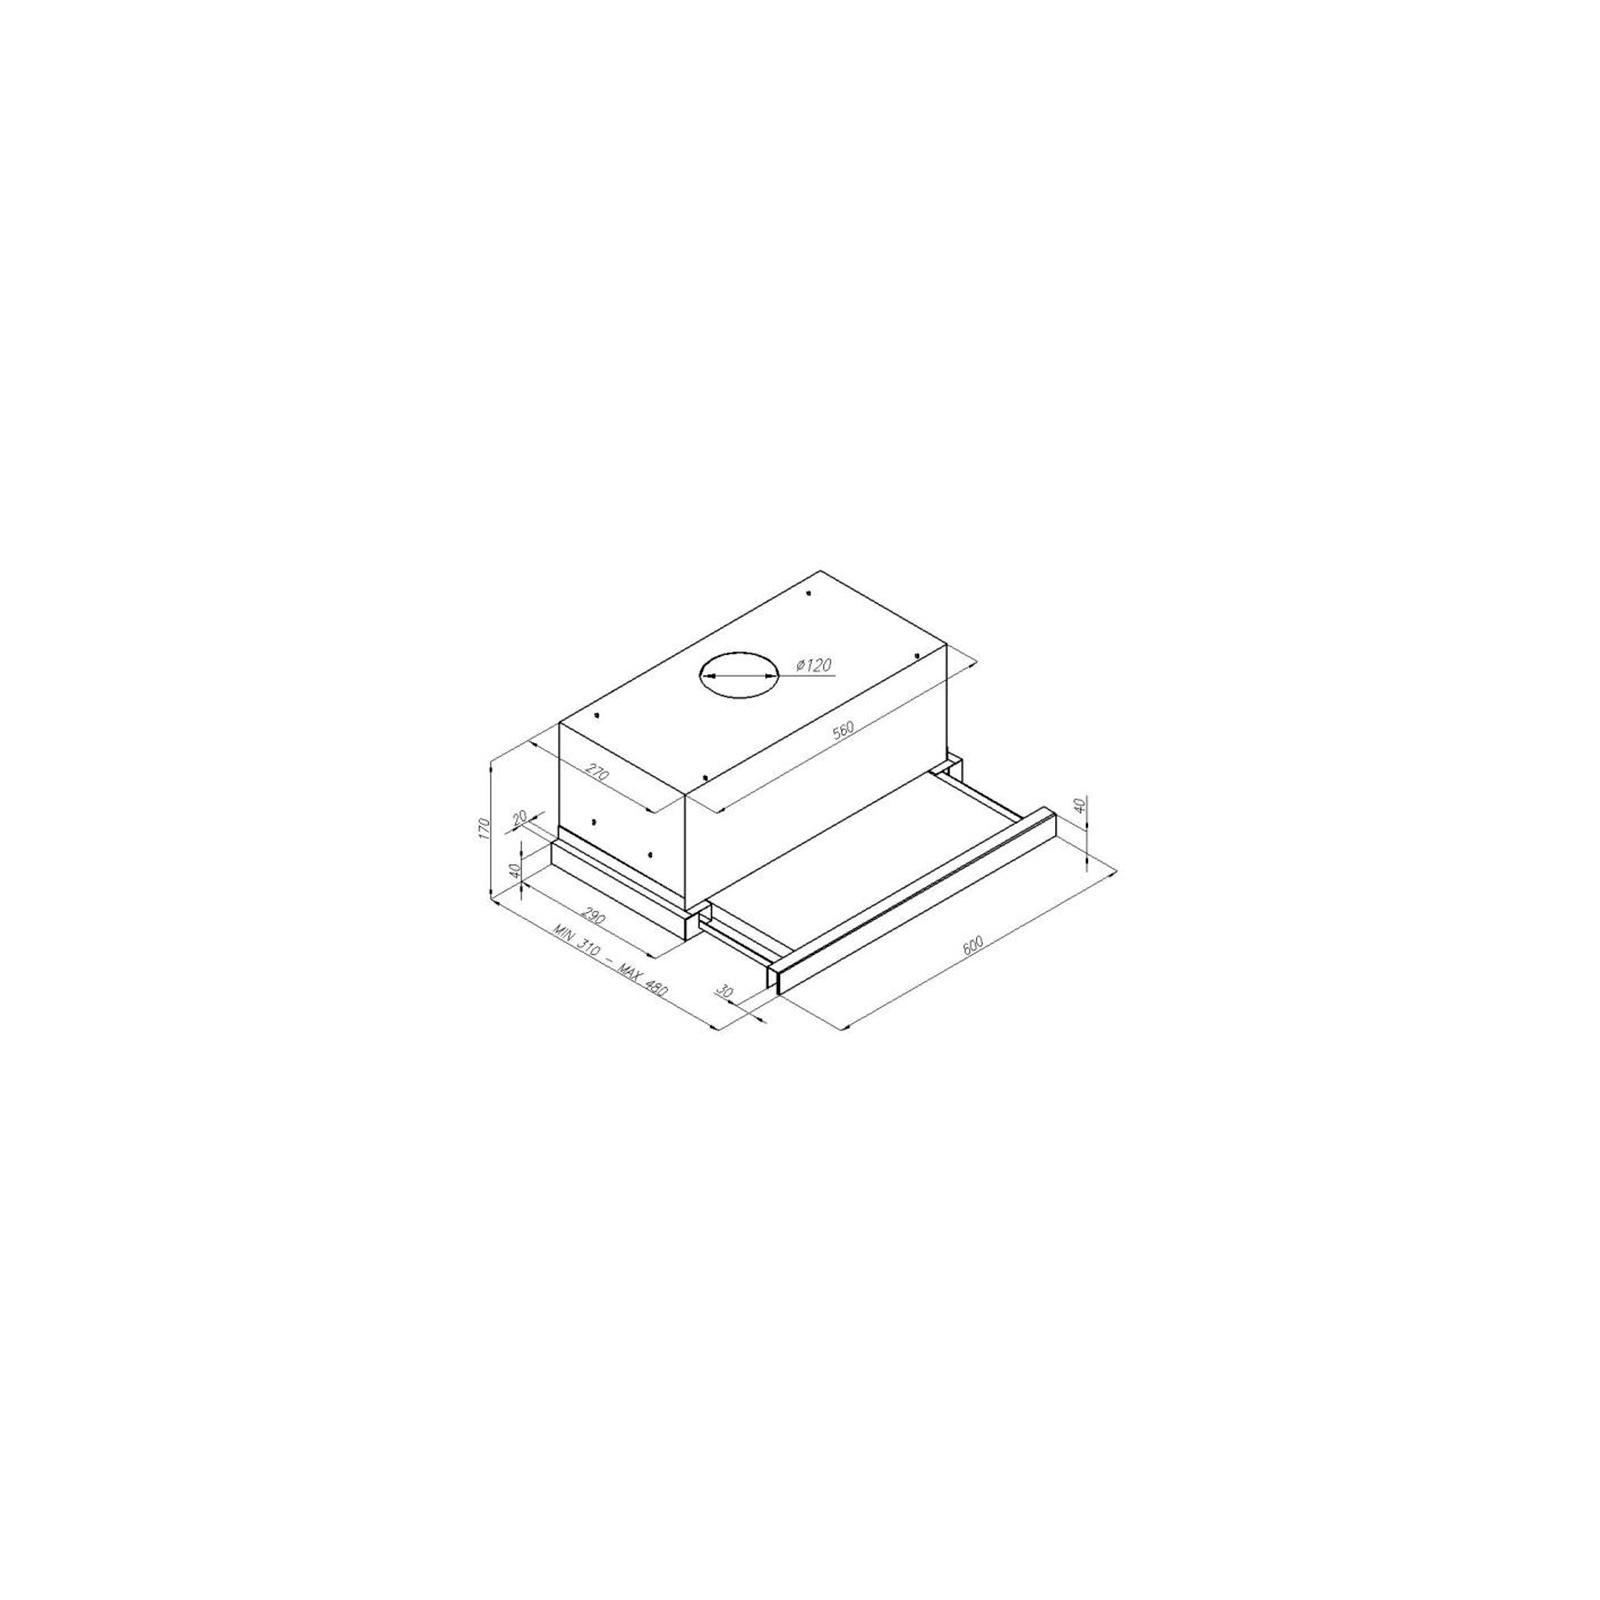 Вытяжка кухонная PERFELLI TL 6410 I изображение 7